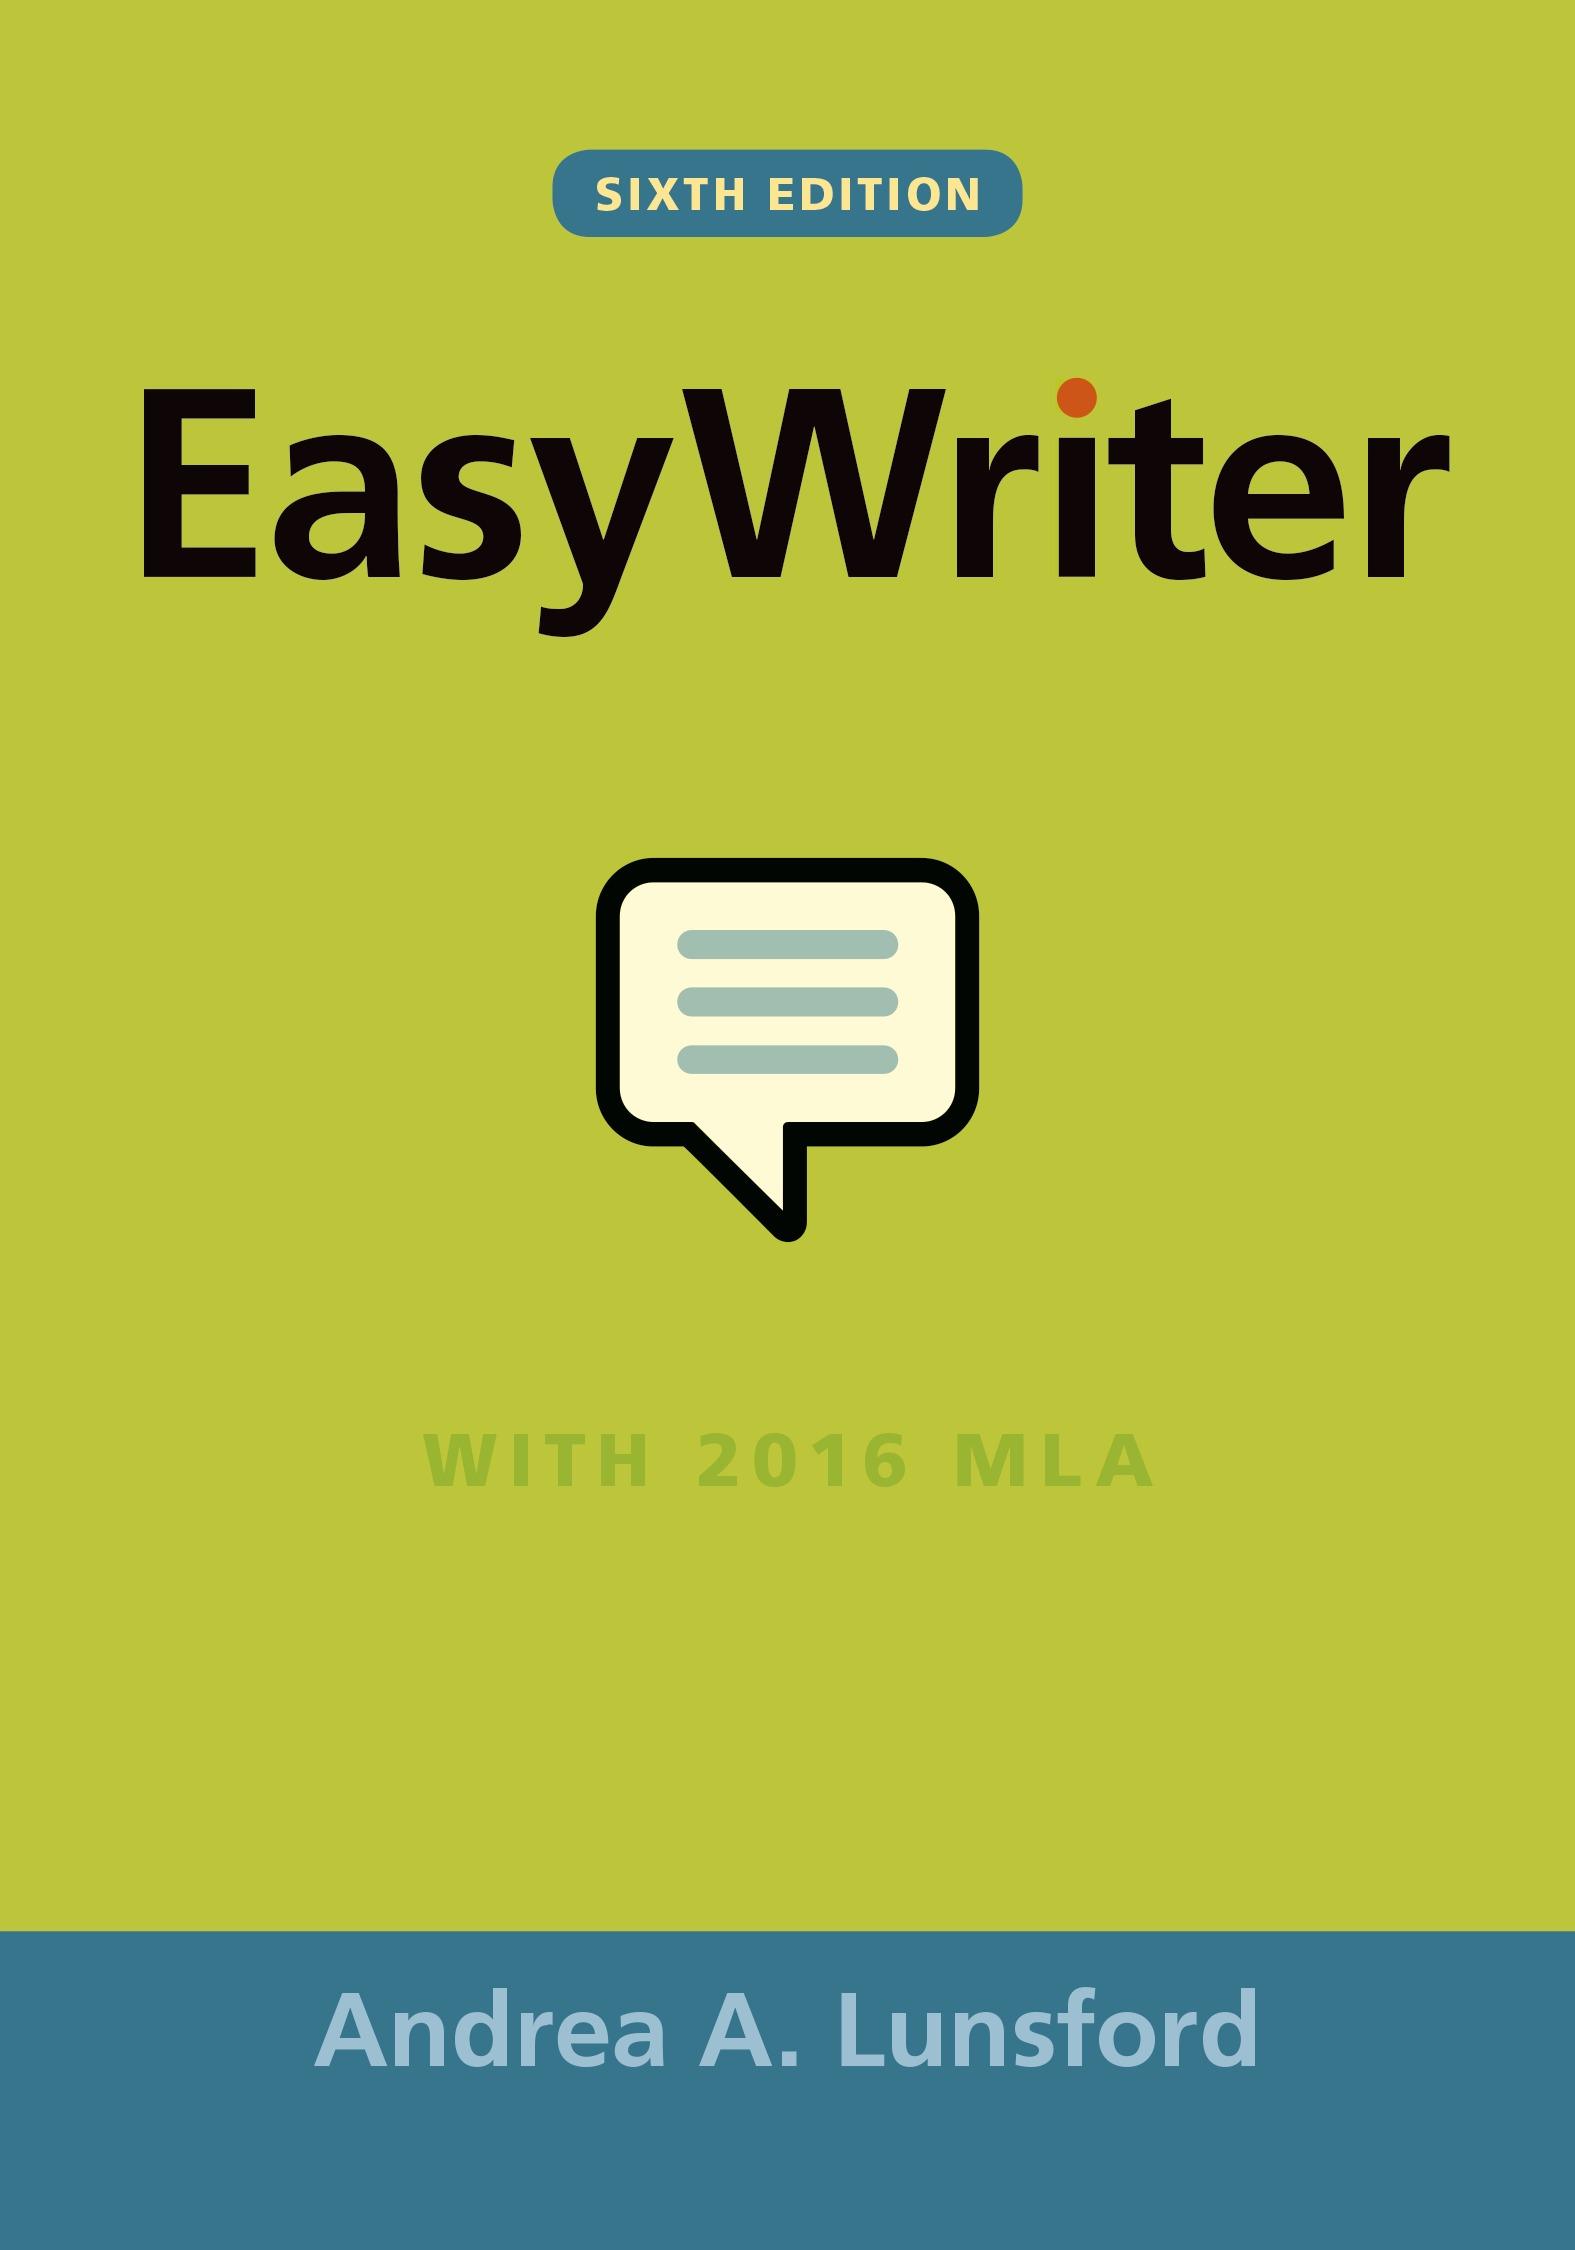 Easy writer pdf